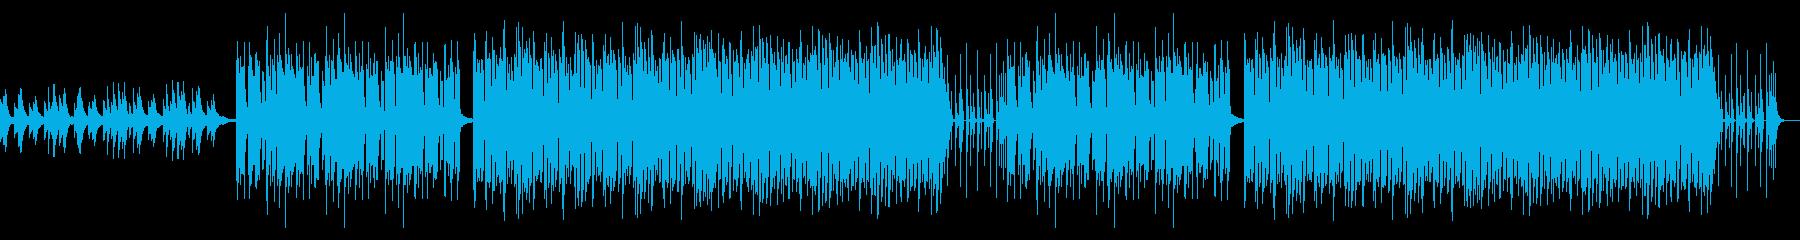 感動的なピアノ主体のBGMの再生済みの波形